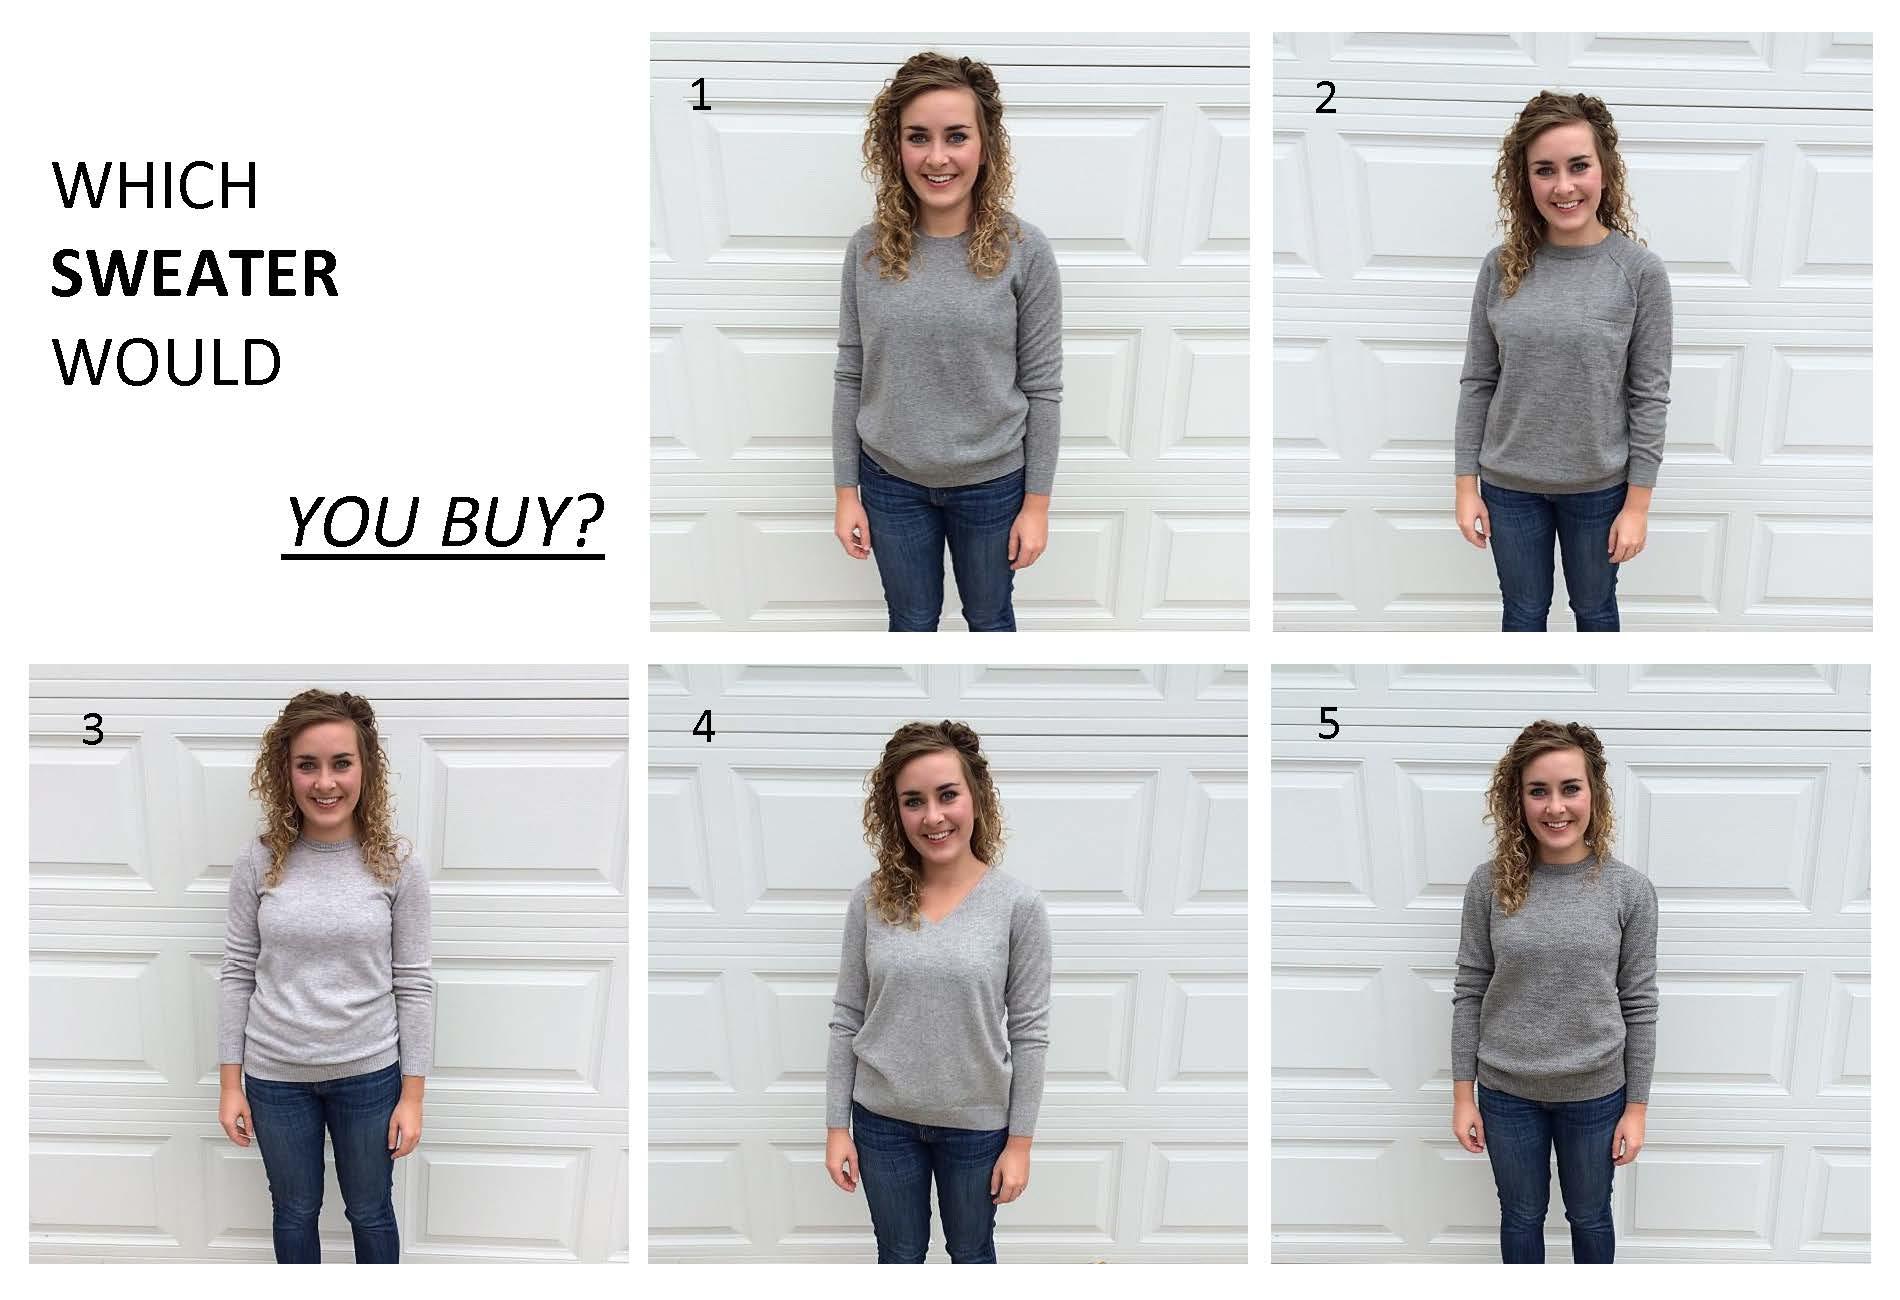 SweaterDebate